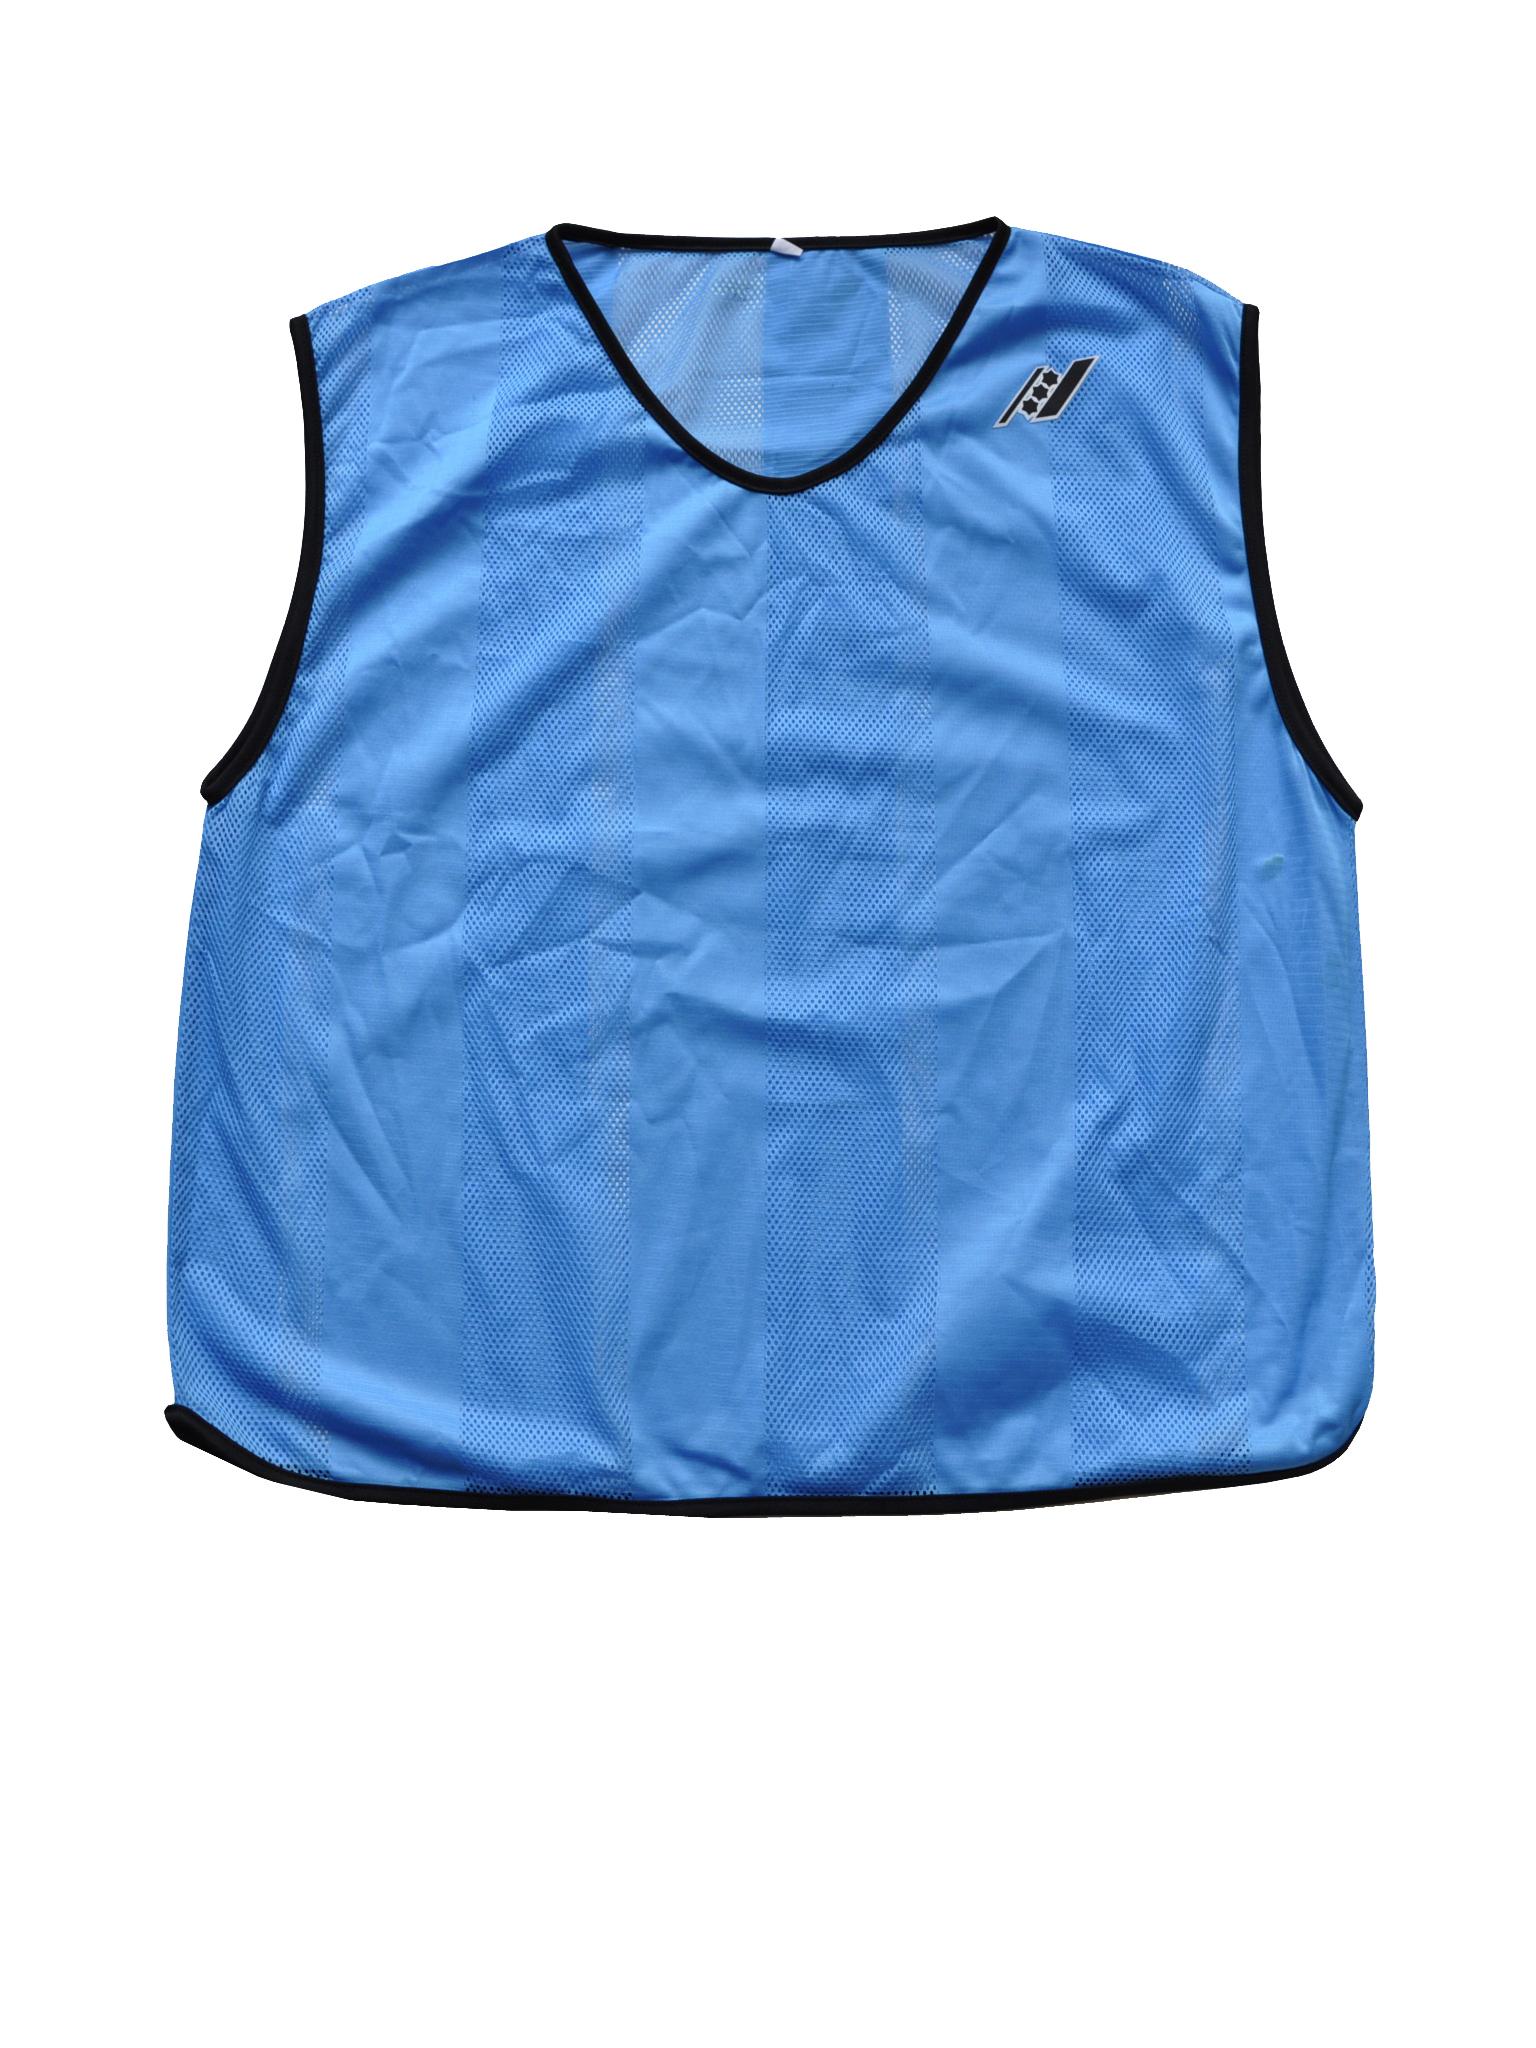 Image of   Rucanor Energy Training Vest - Light Blå - Junior